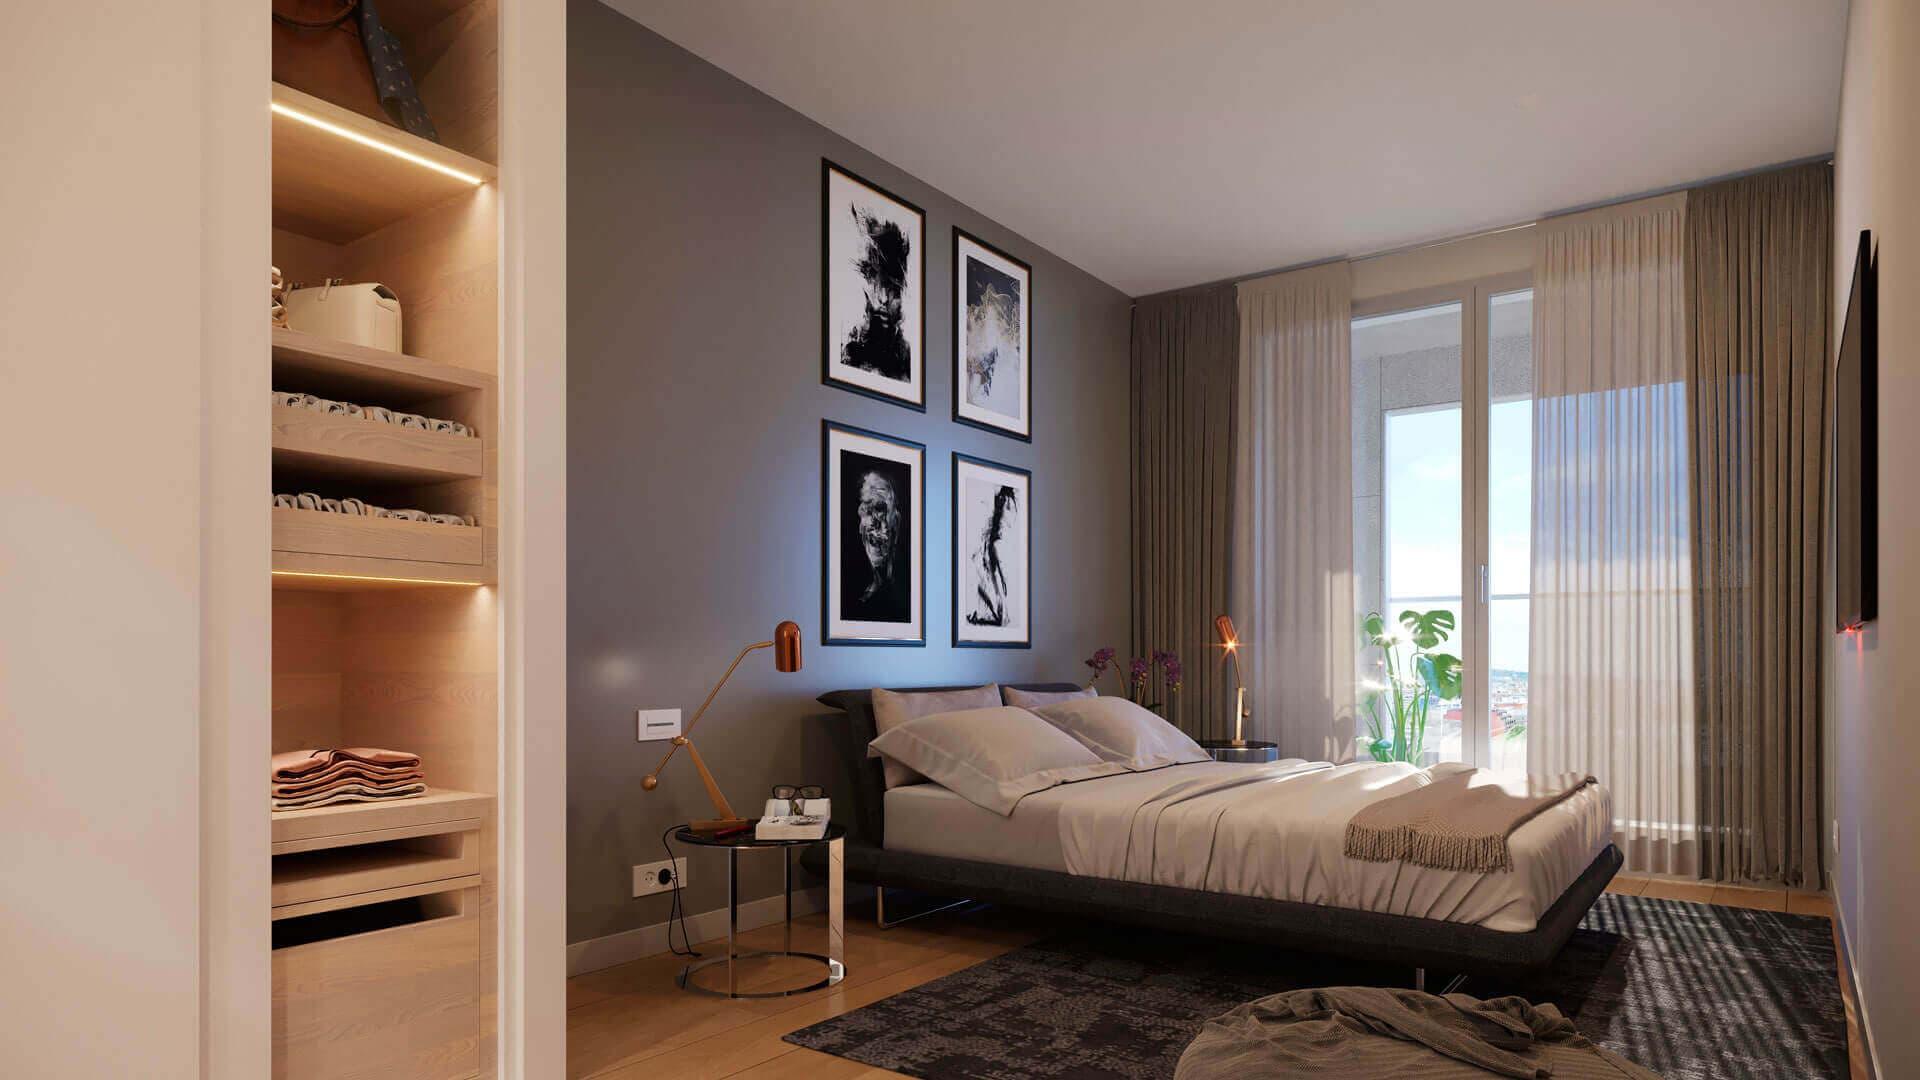 Vista interior dormitorio amplio viviendas Nova Sagrega